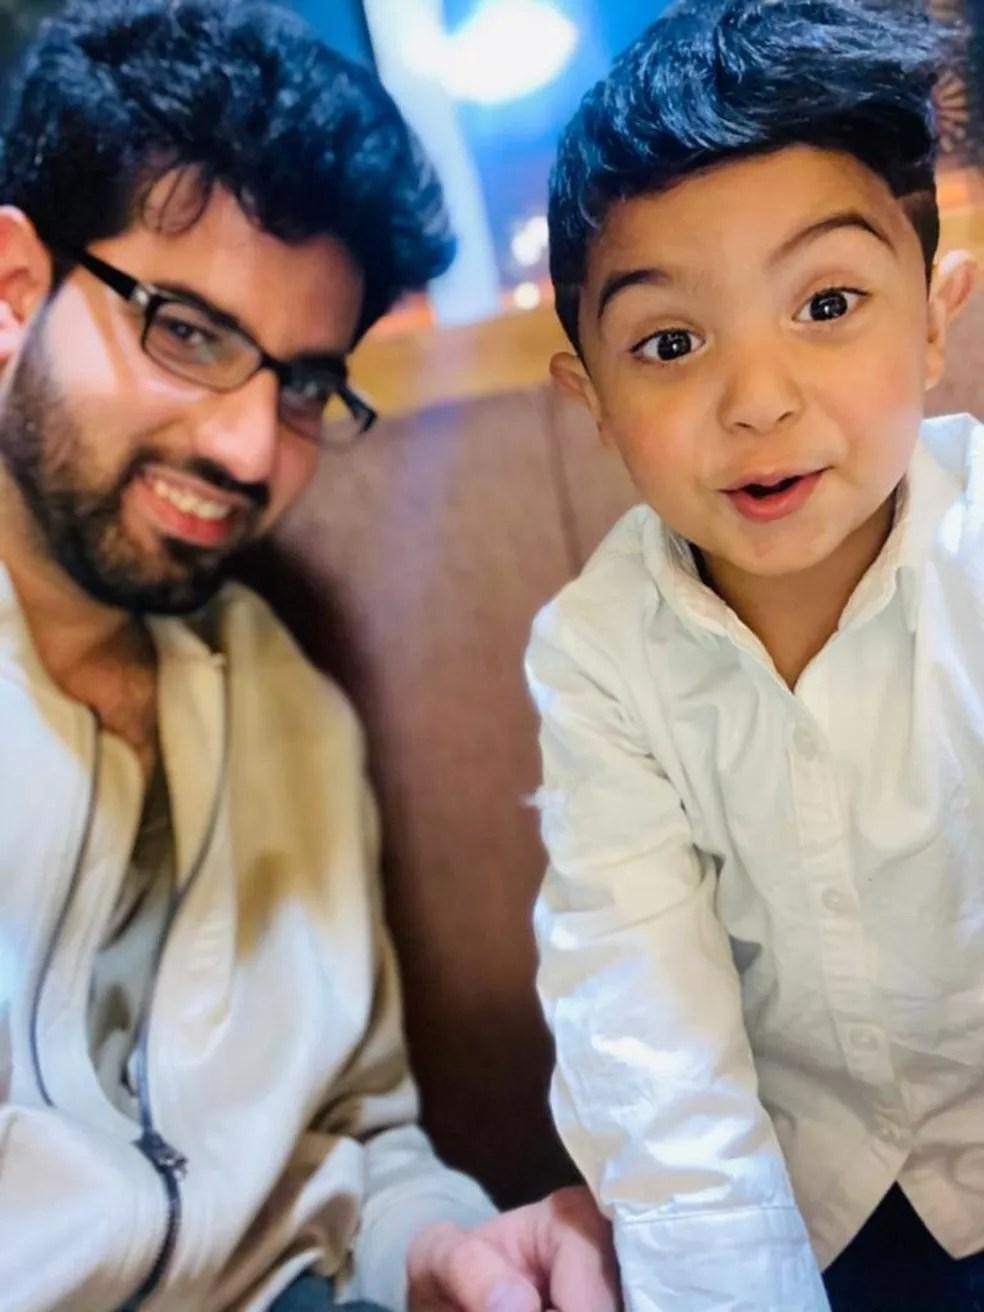 Masood Habibi com o filho em Cabul, capital do Afeganistão, antes da invasão talibã — Foto: Arquivo pessoal